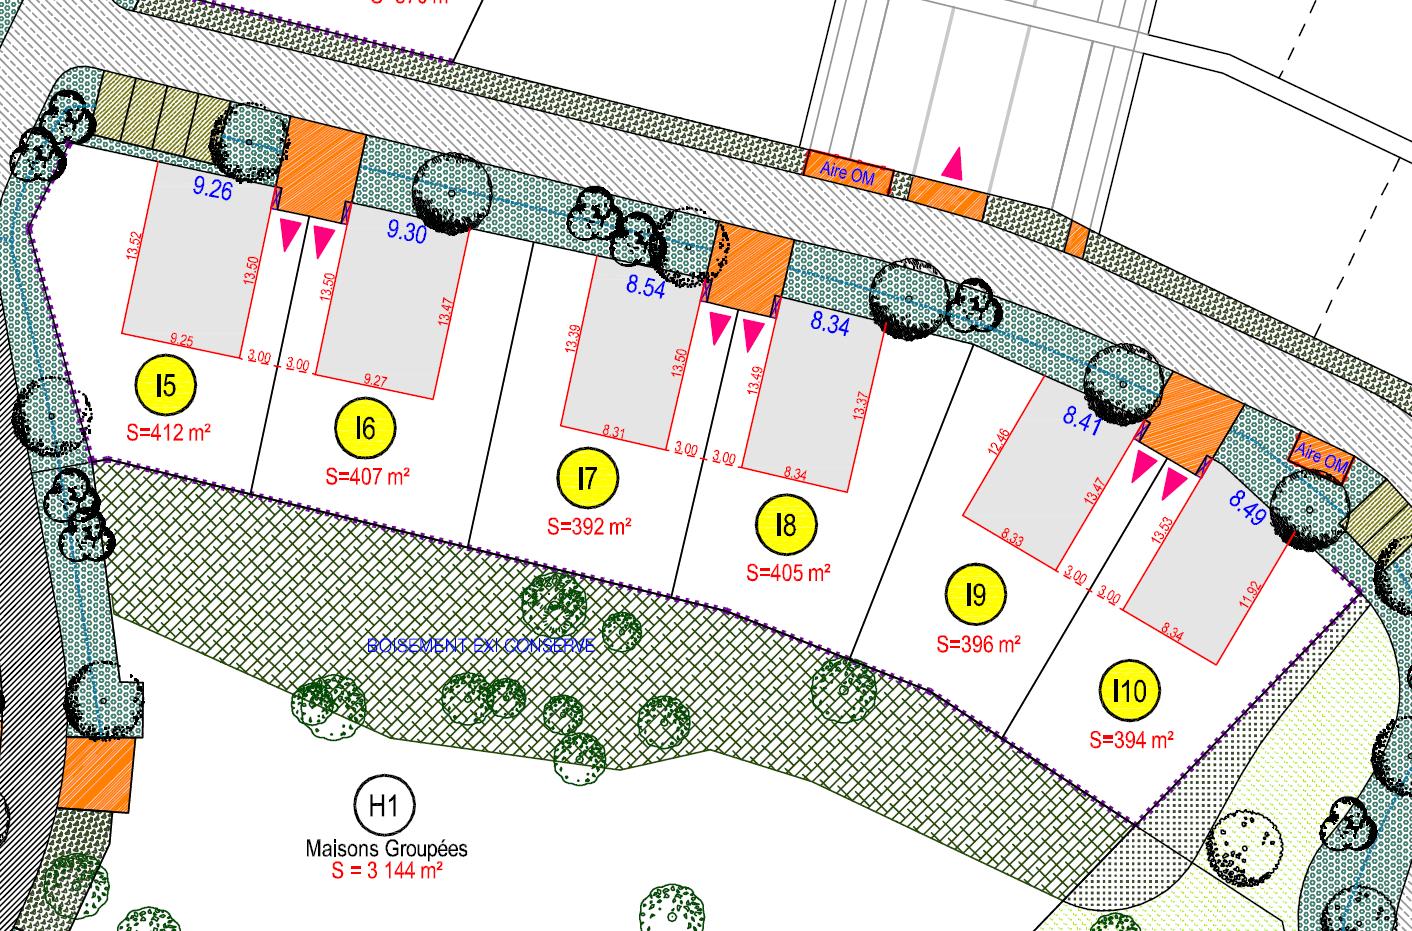 Maison 100m² + Terrain 392m² à La Chevrolière - Plans I5 à I10